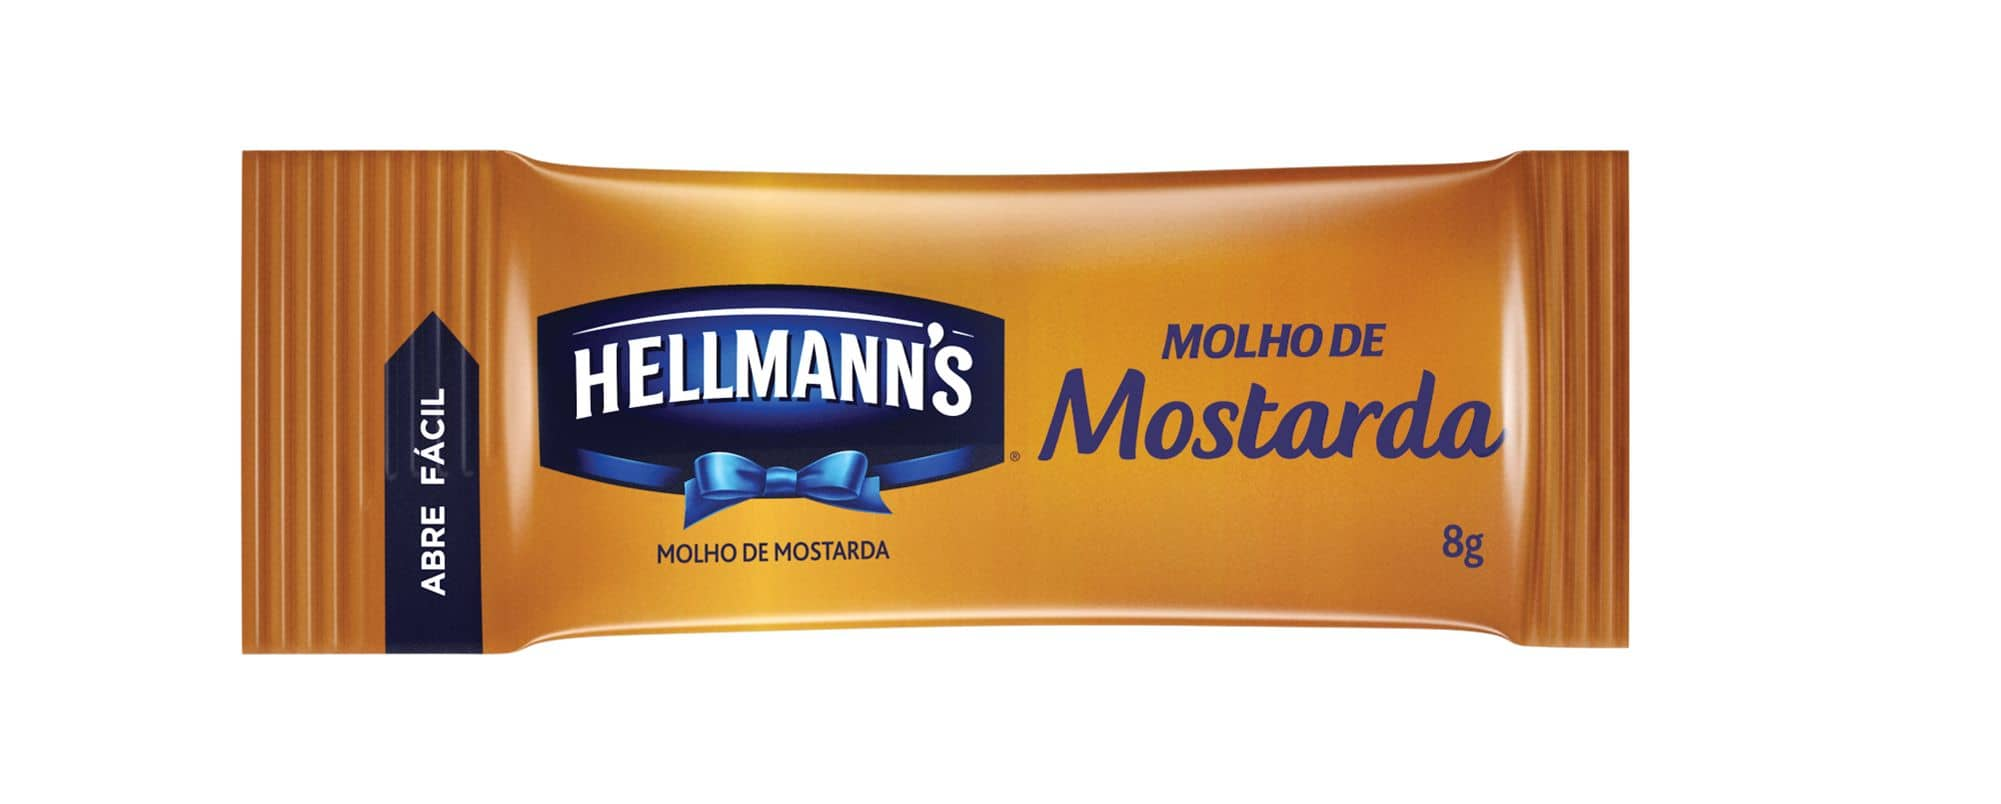 Mostarda_Hellmanns_sach_abre_fcil_8g_0000x0000_0